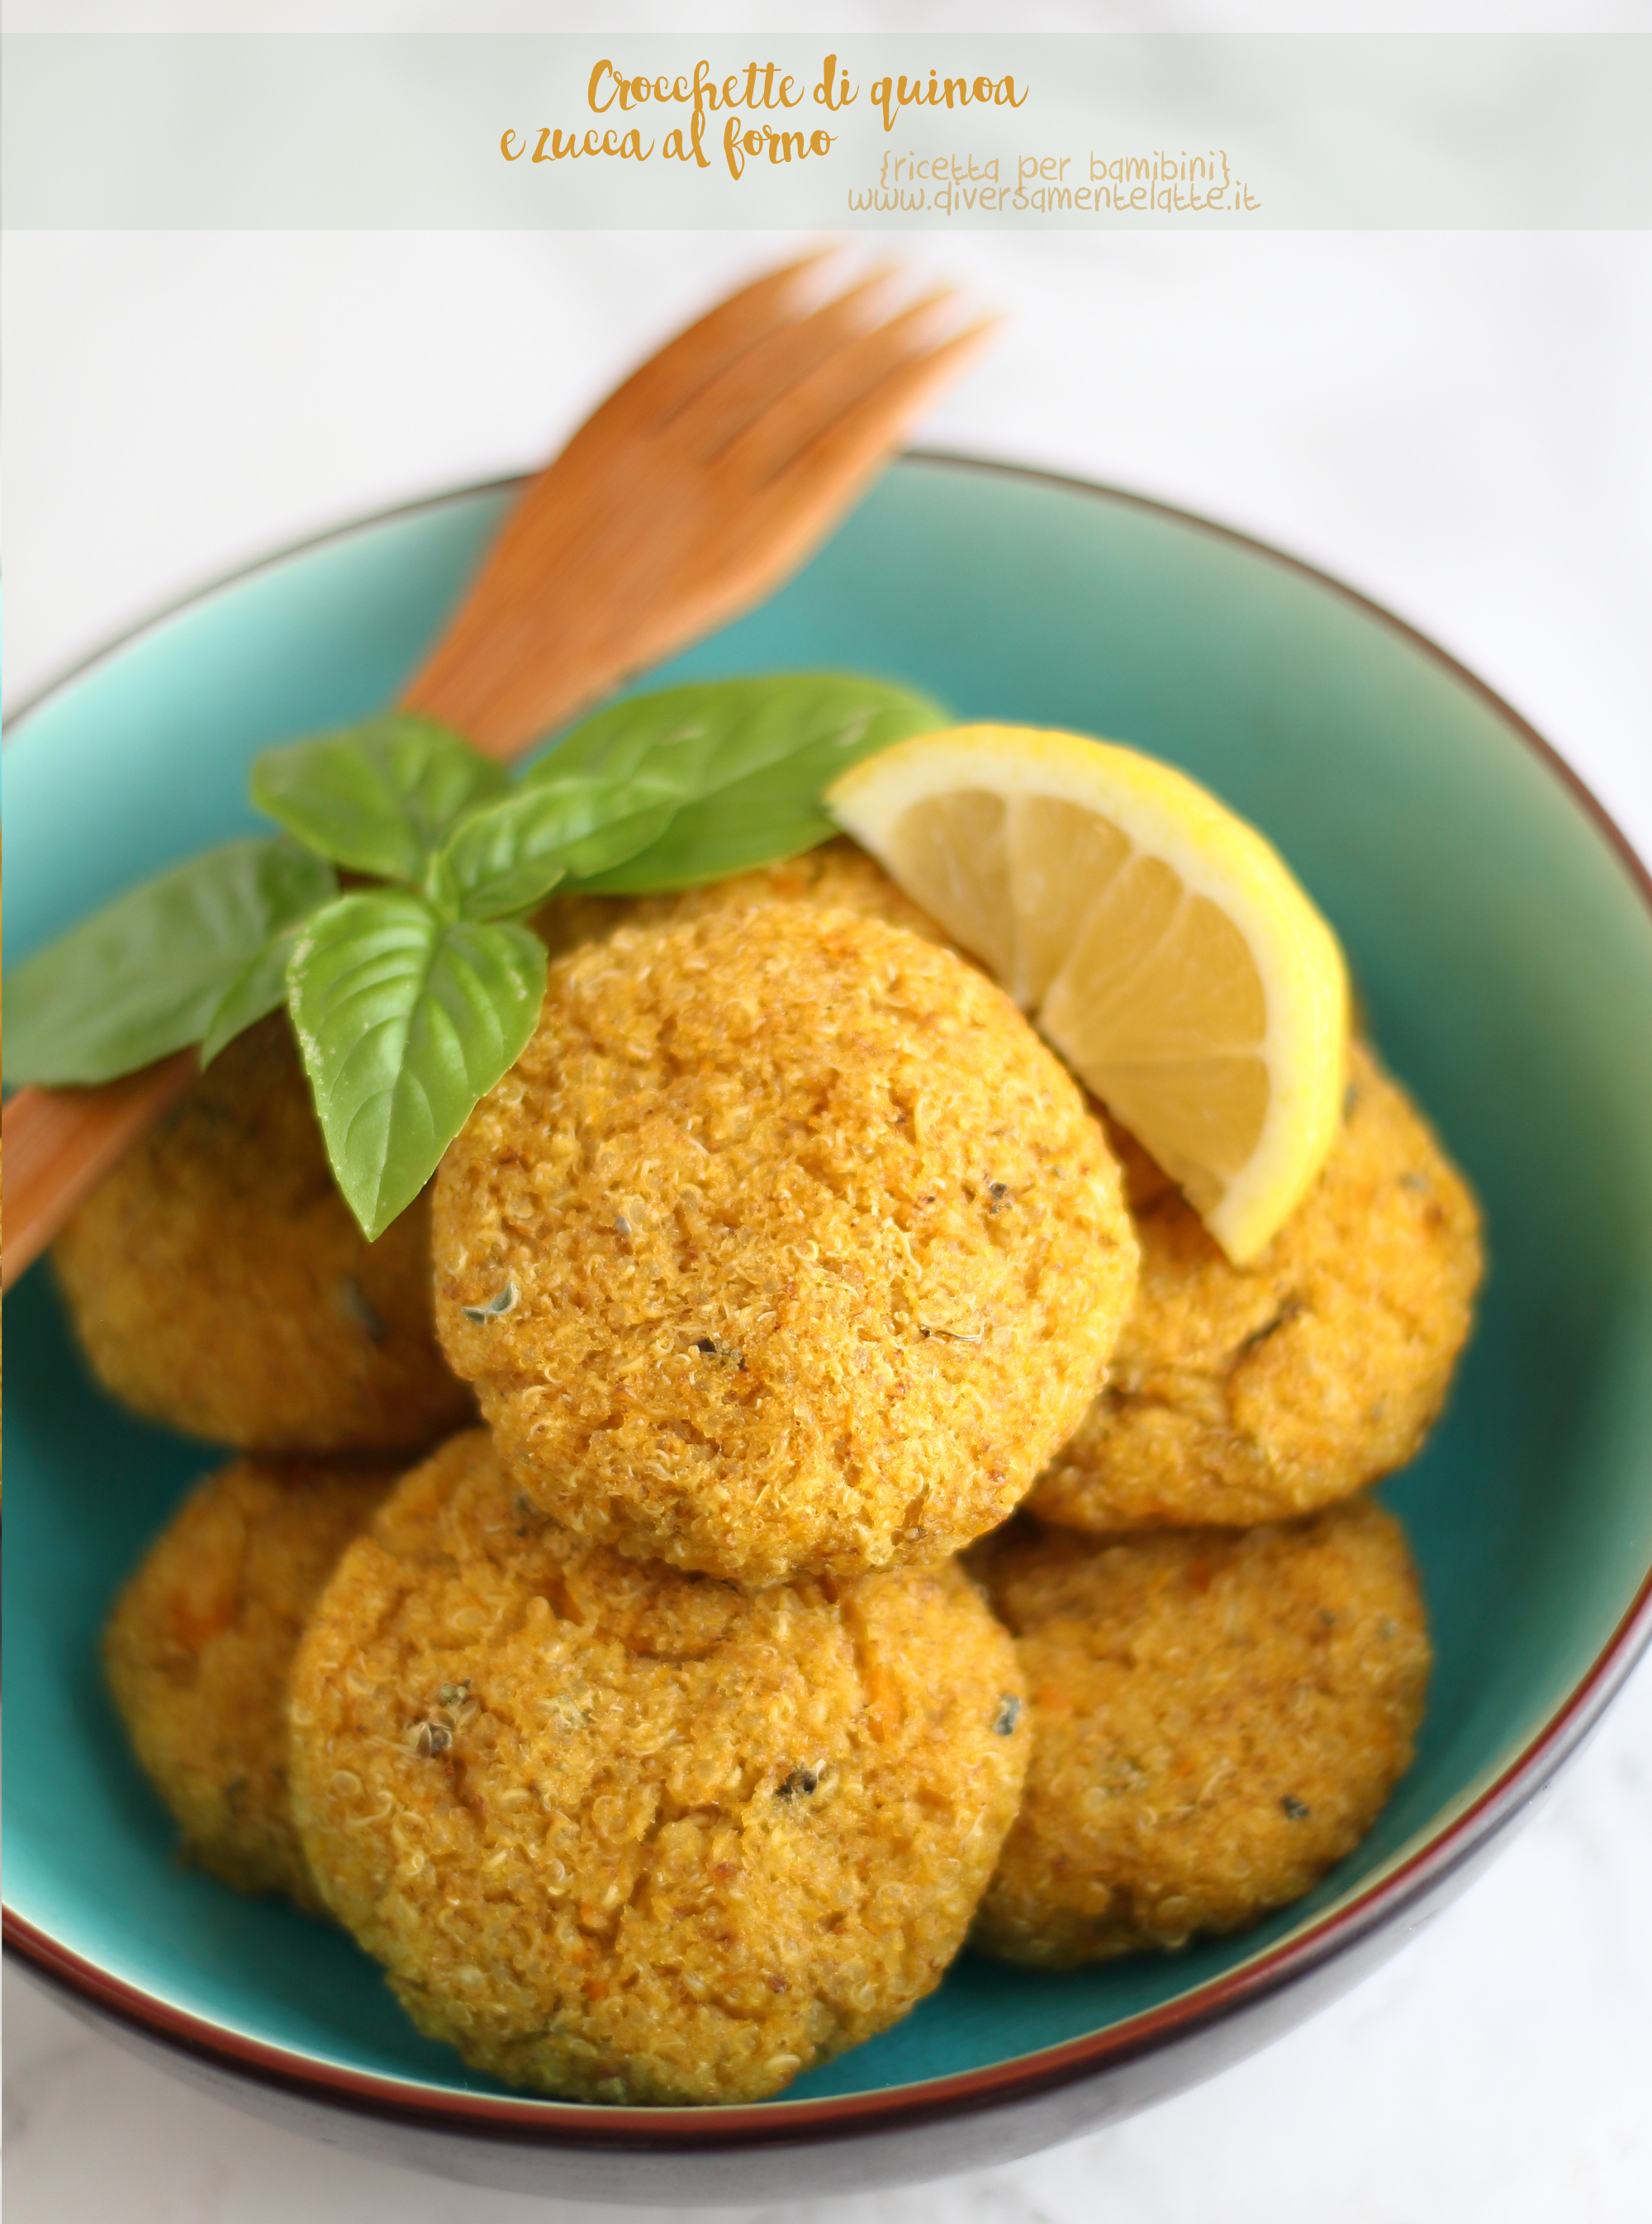 crocchette di quinoa senza lattosio